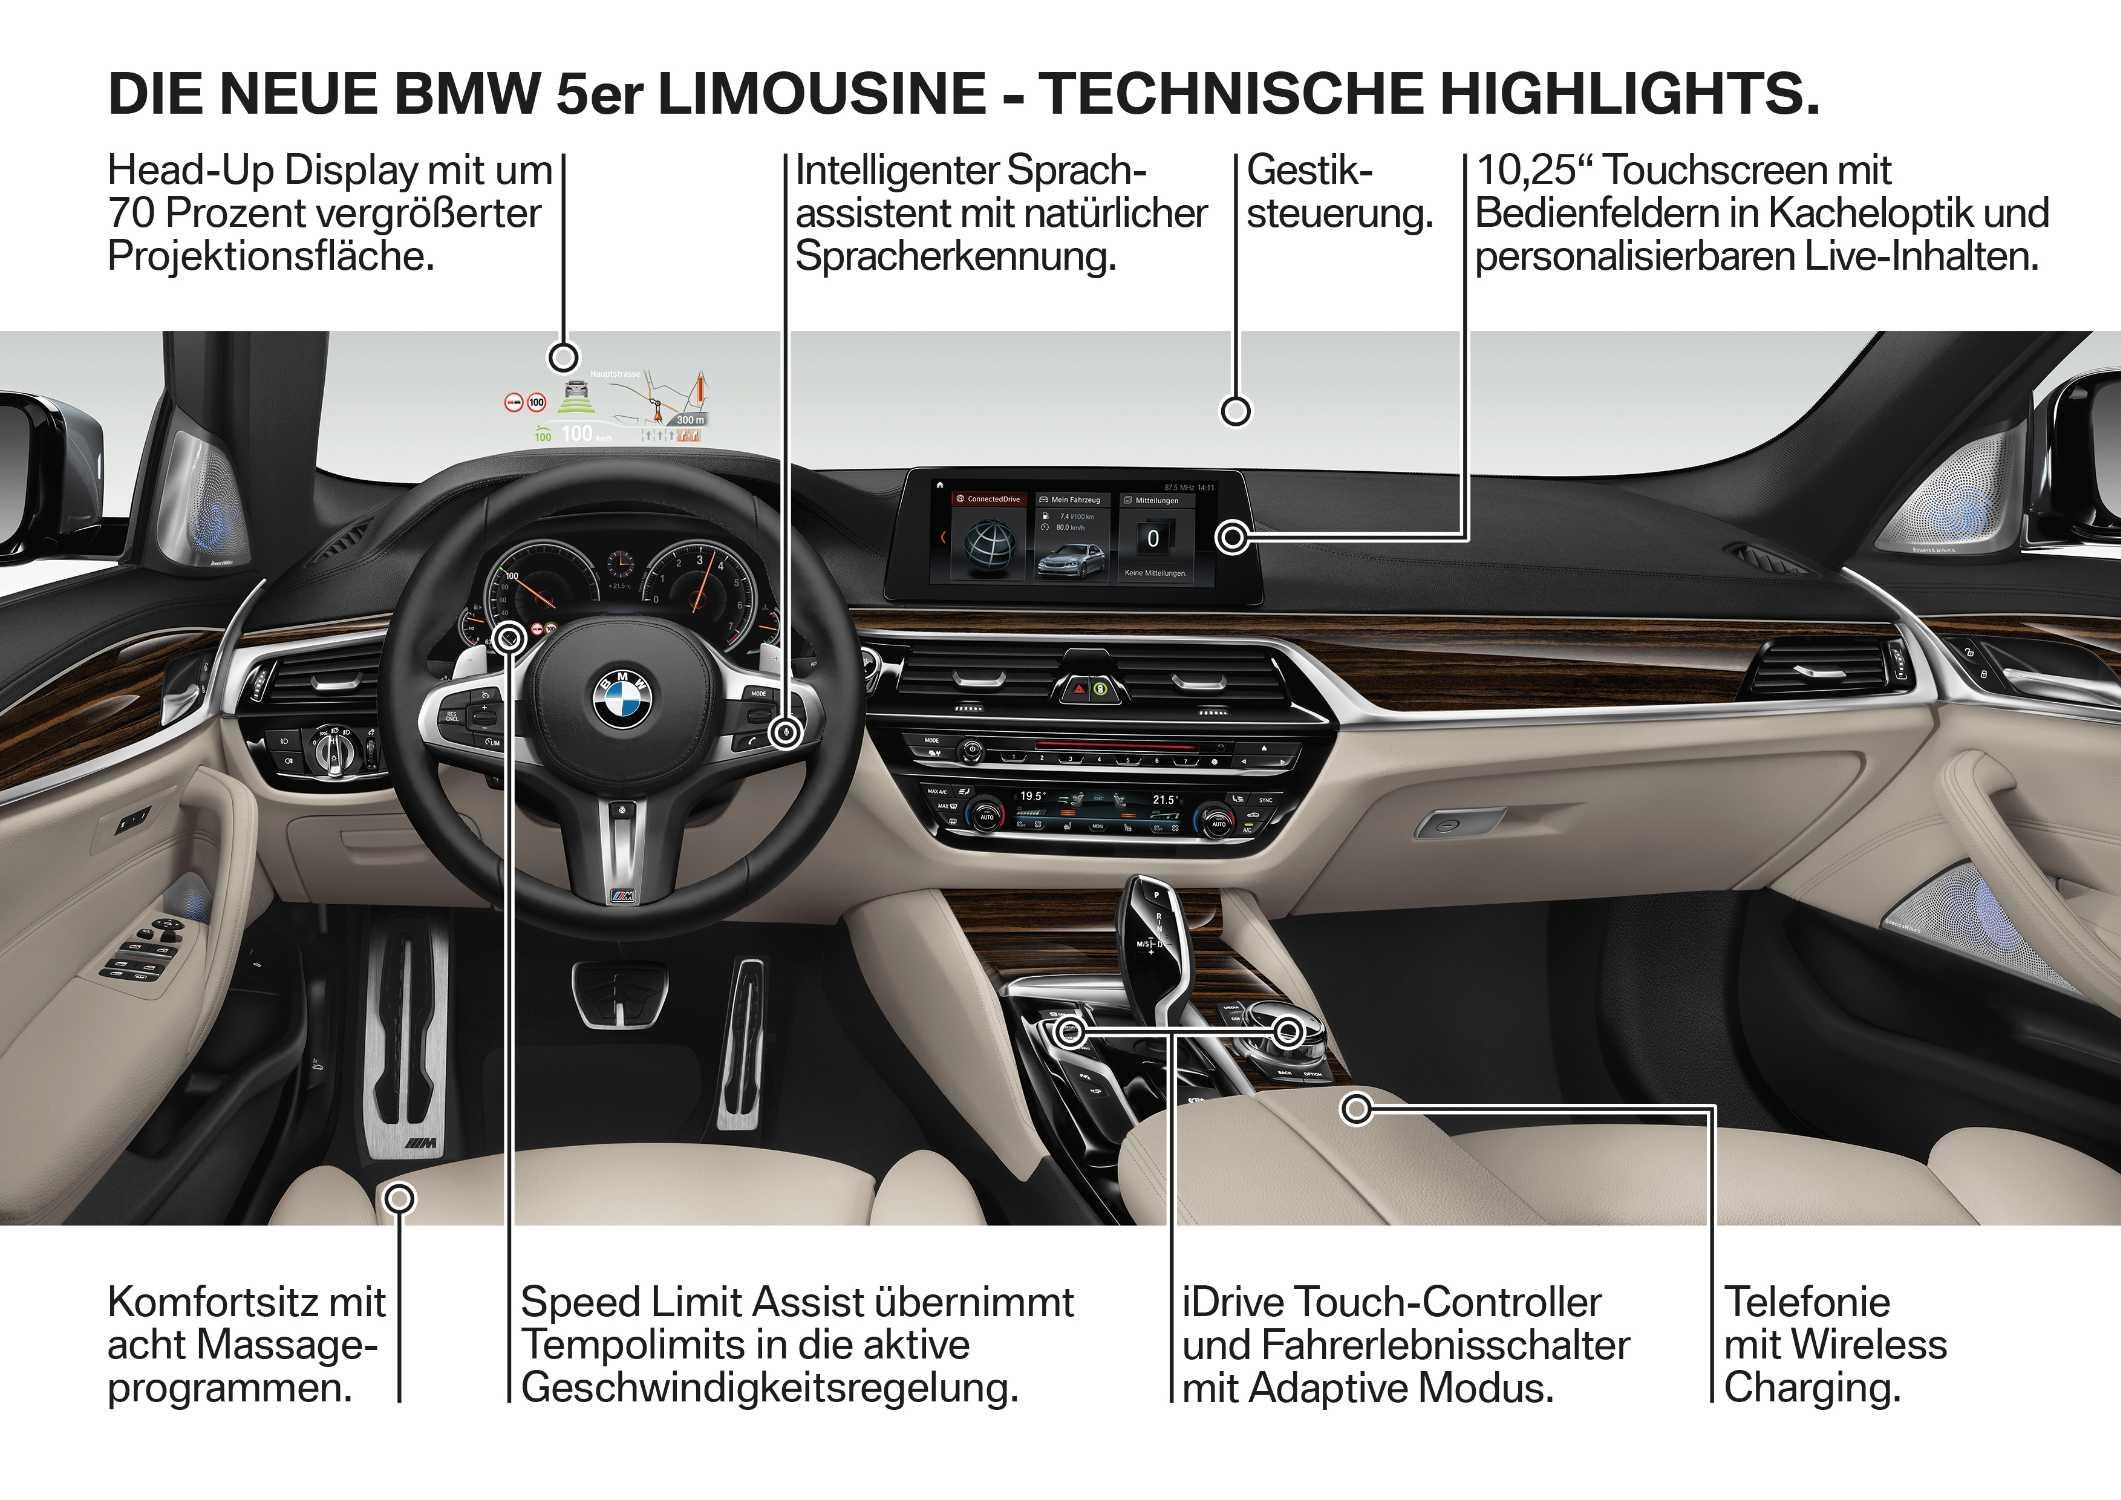 Die neue BMW 5er Limousine (10/2016).